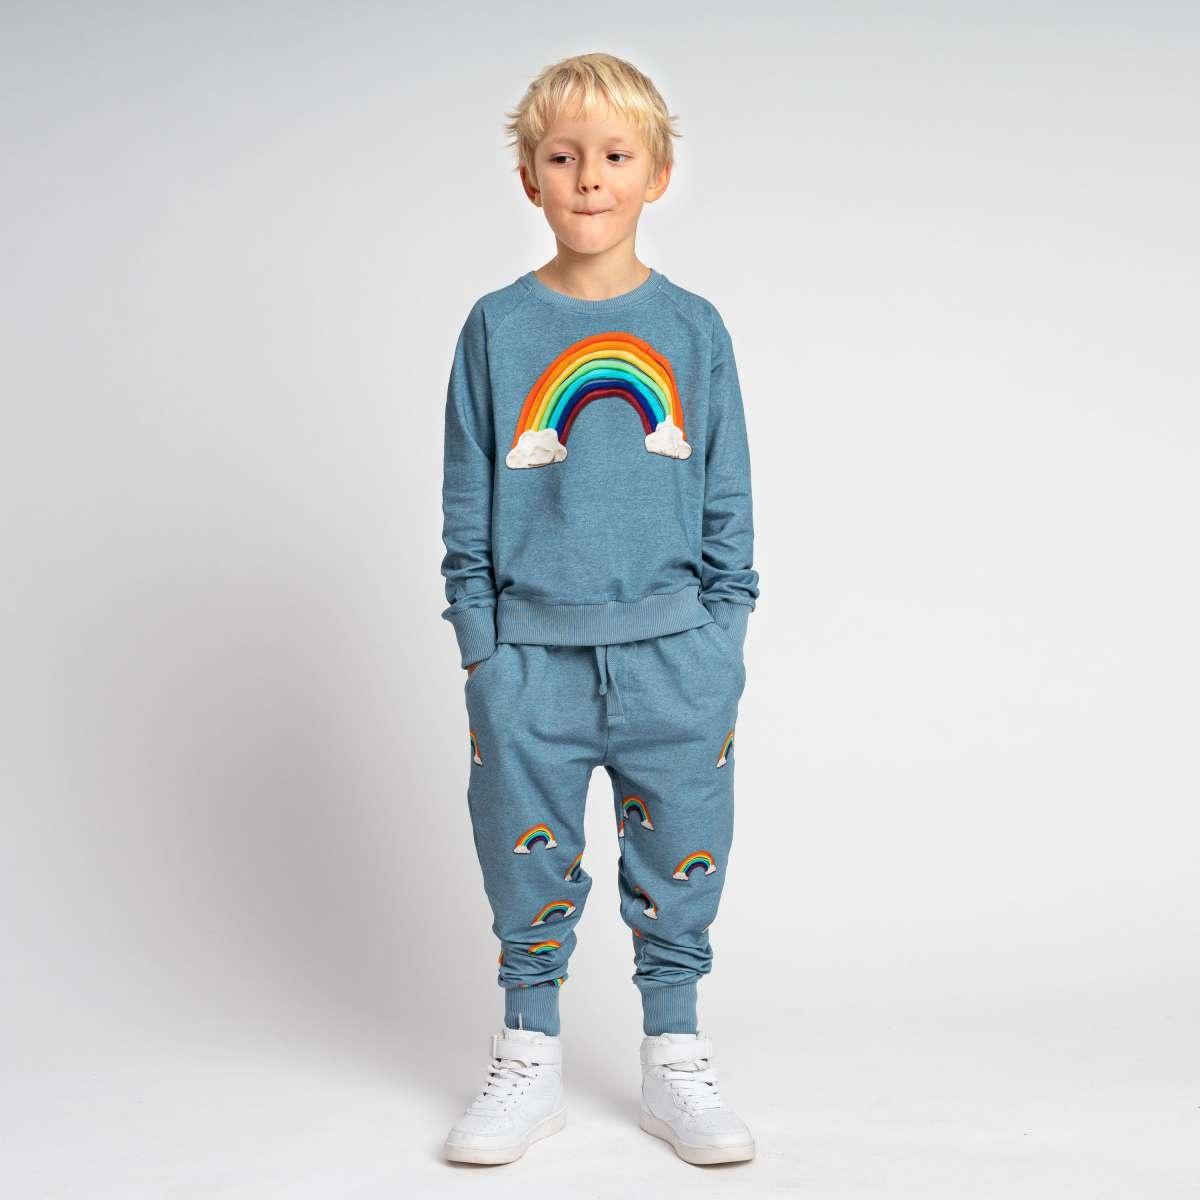 Sweatsuit - Rainbow - 2pc. - Sz 11/12 Yr-1